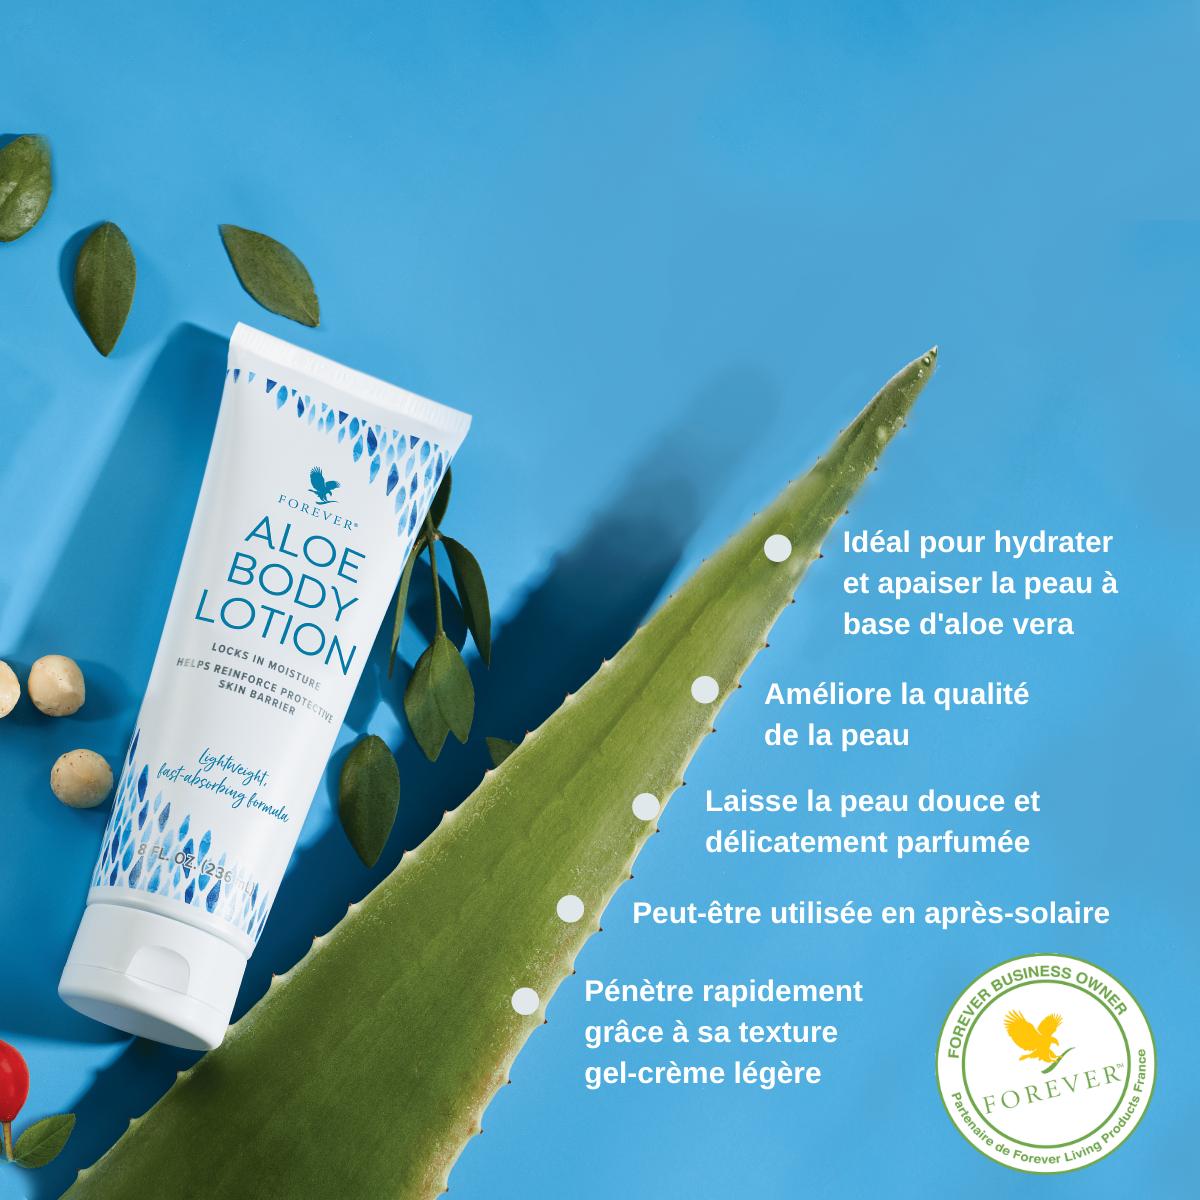 Découvrez notre nouveau produit Aloe Body Lotion !